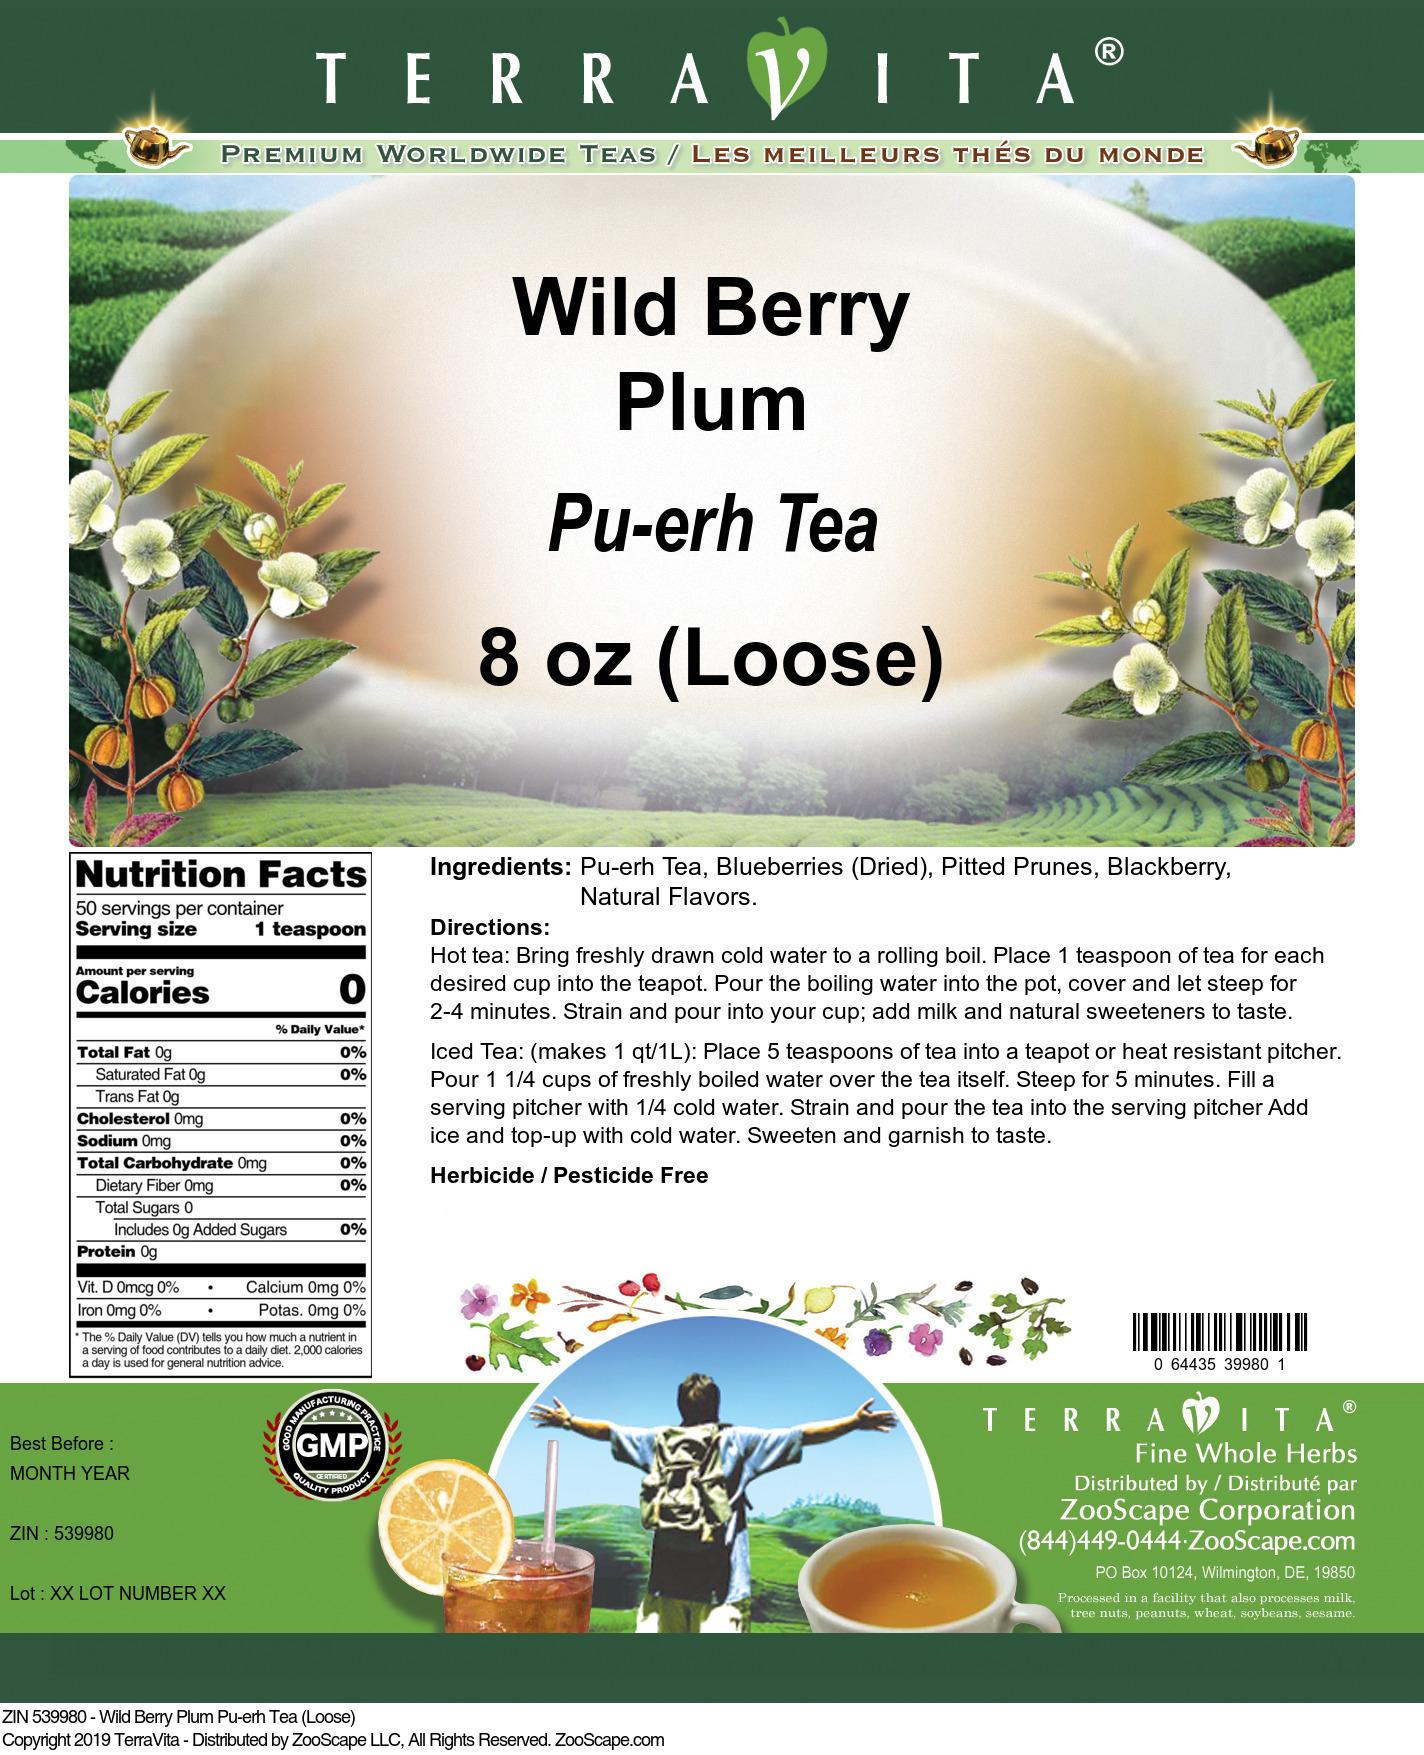 Wild Berry Plum Pu-erh Tea (Loose)